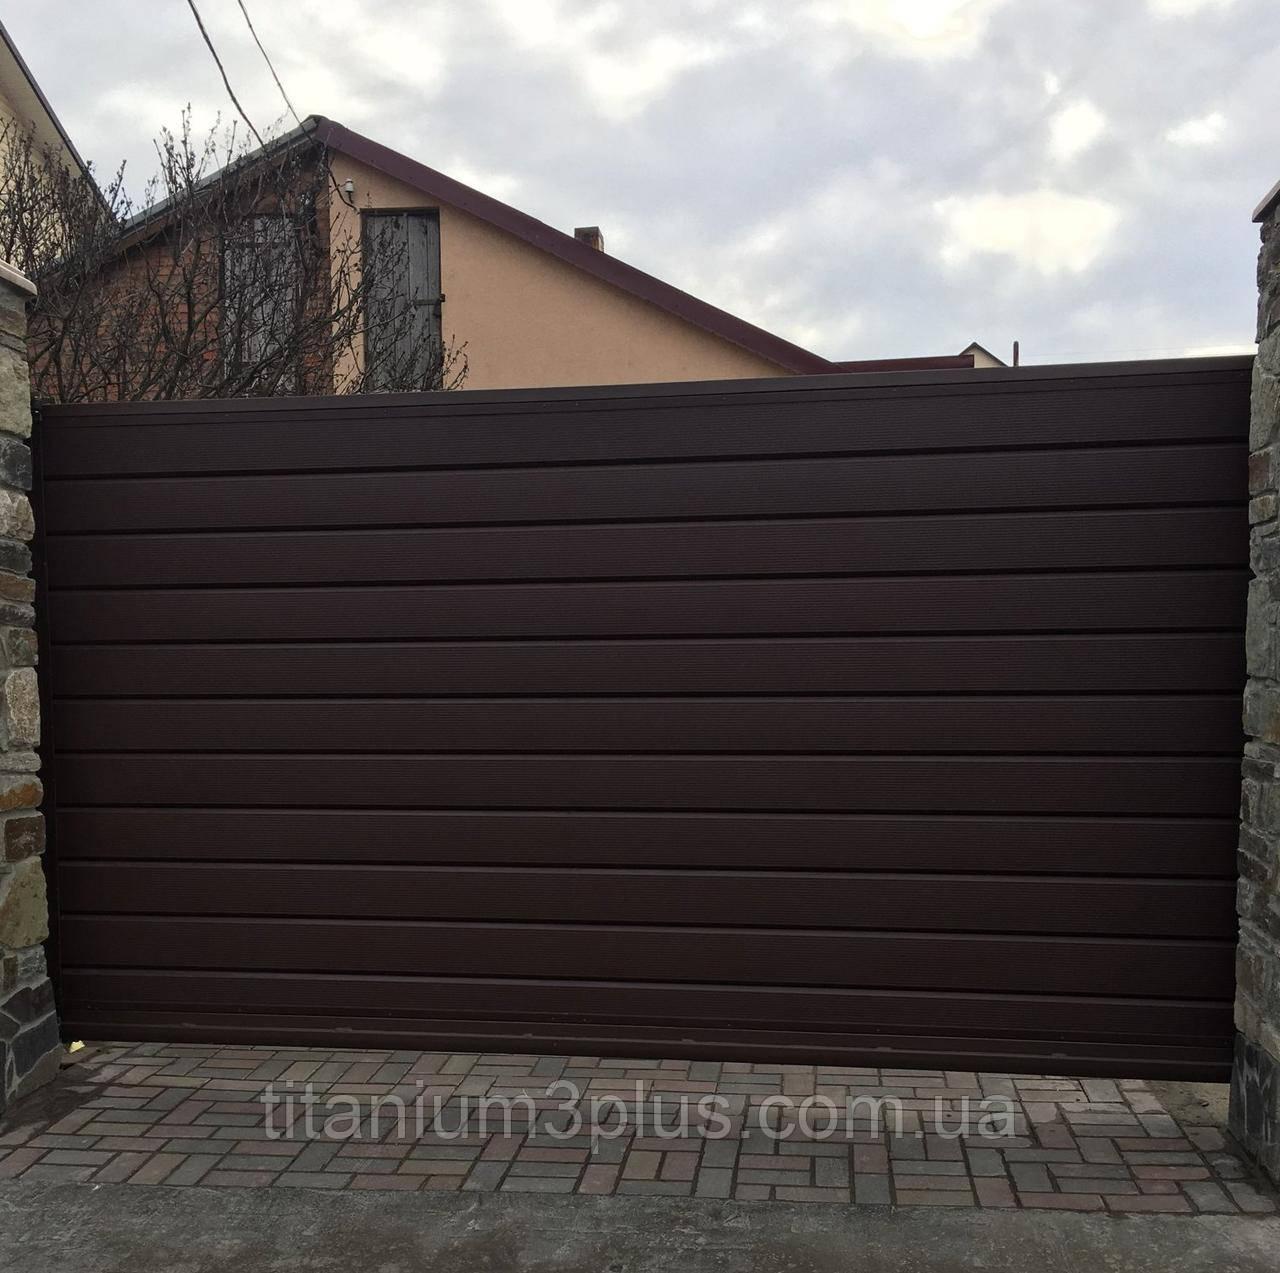 Откатные и распашные ворота любой конфигурации. Индивидуальный подход.